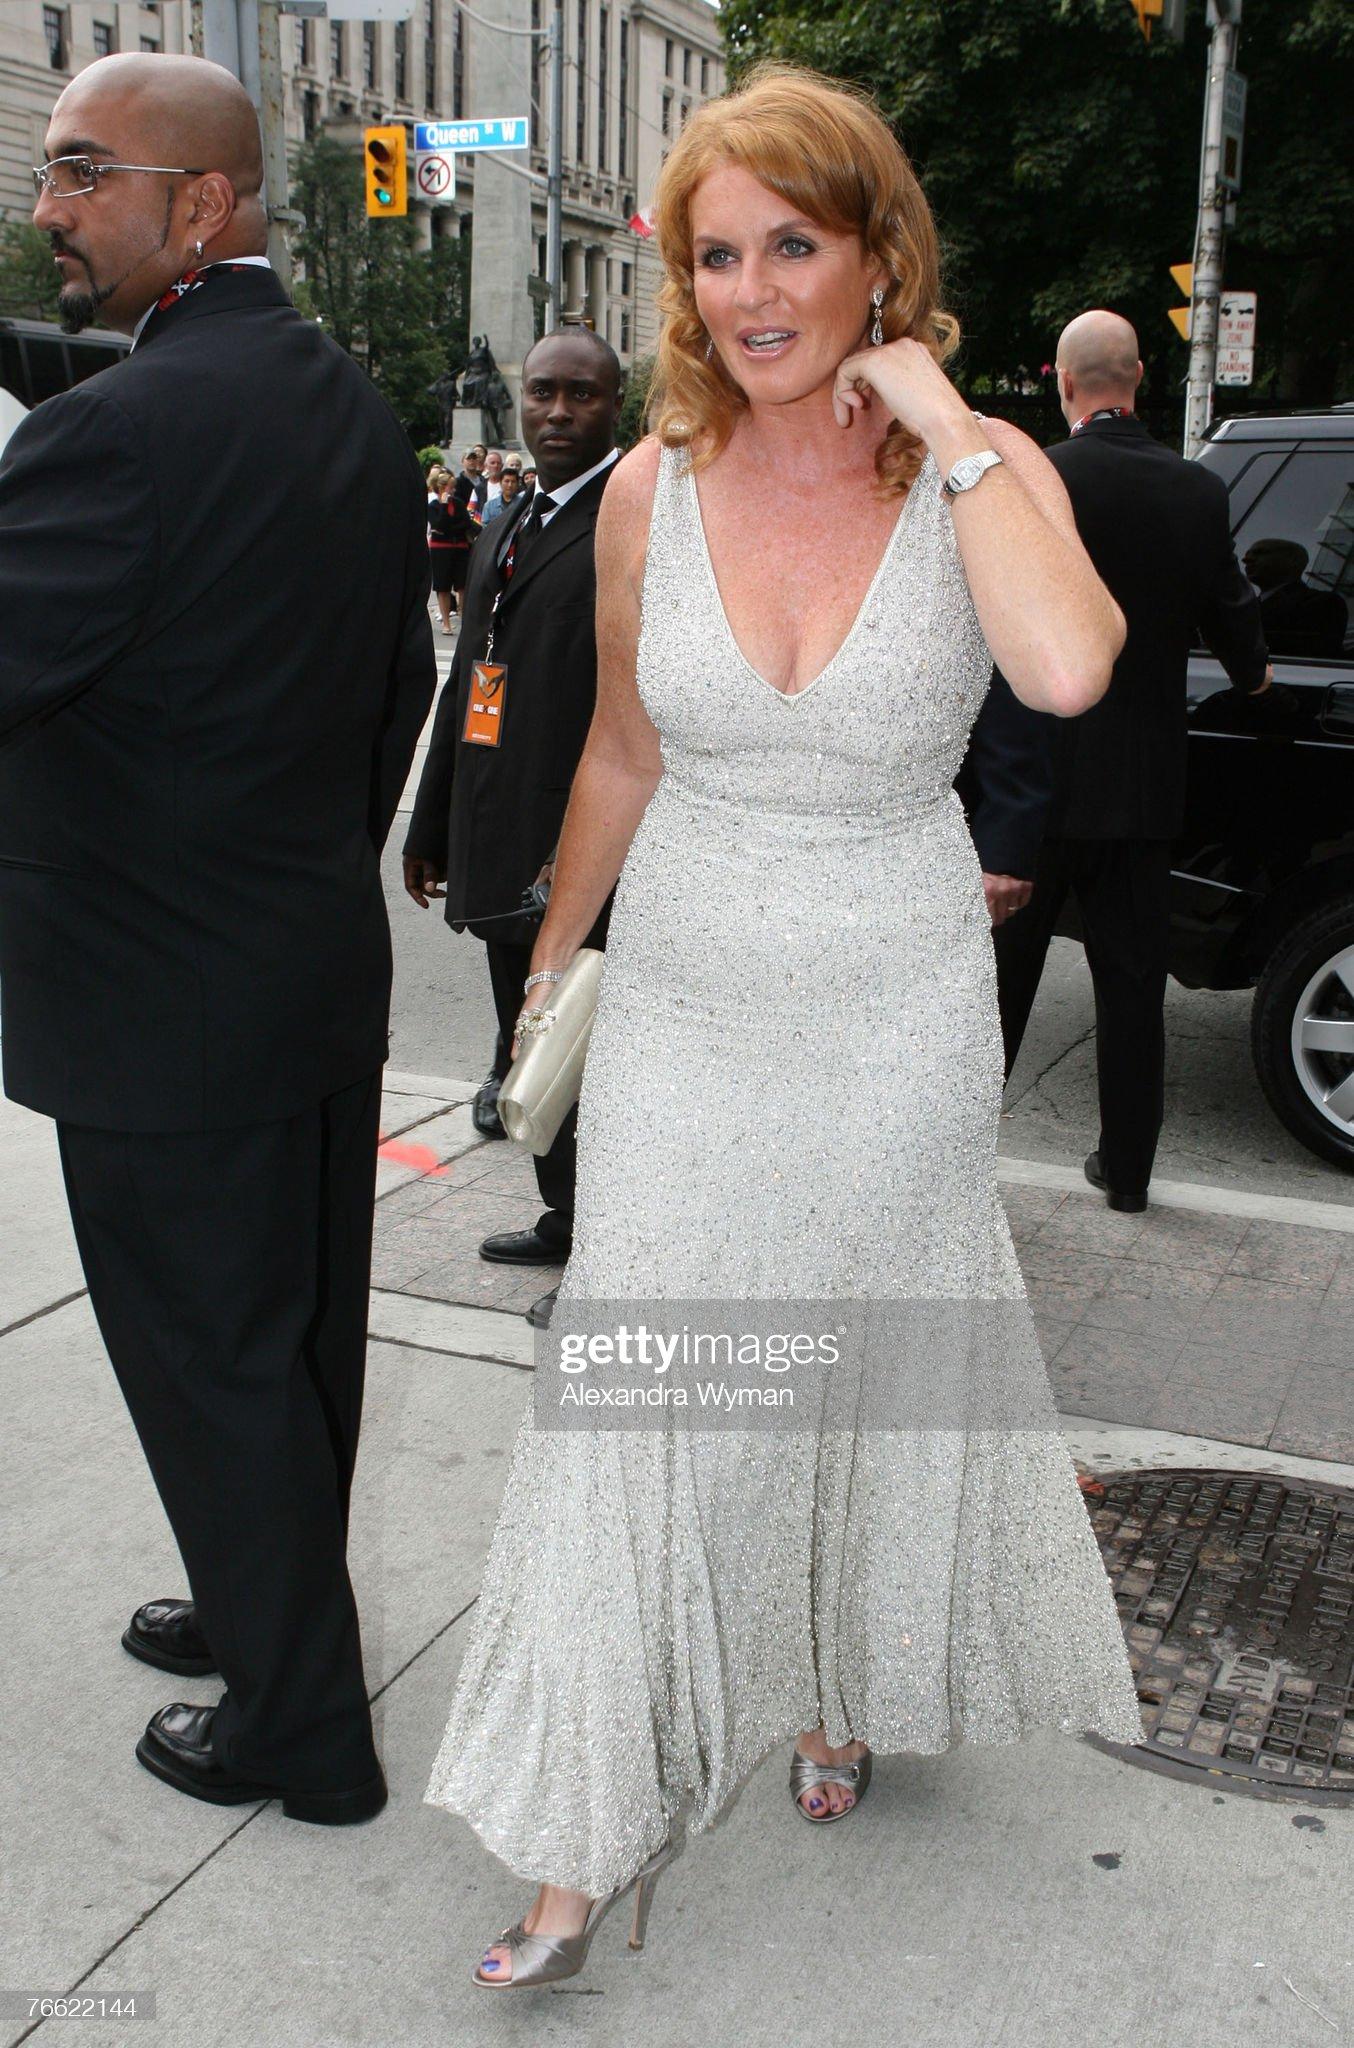 Вечерние наряды Отем пока еще Филлипс и Сары Йоркской The 32nd Annual Toronto International Film Festival - OneXone - Arrivals : News Photo